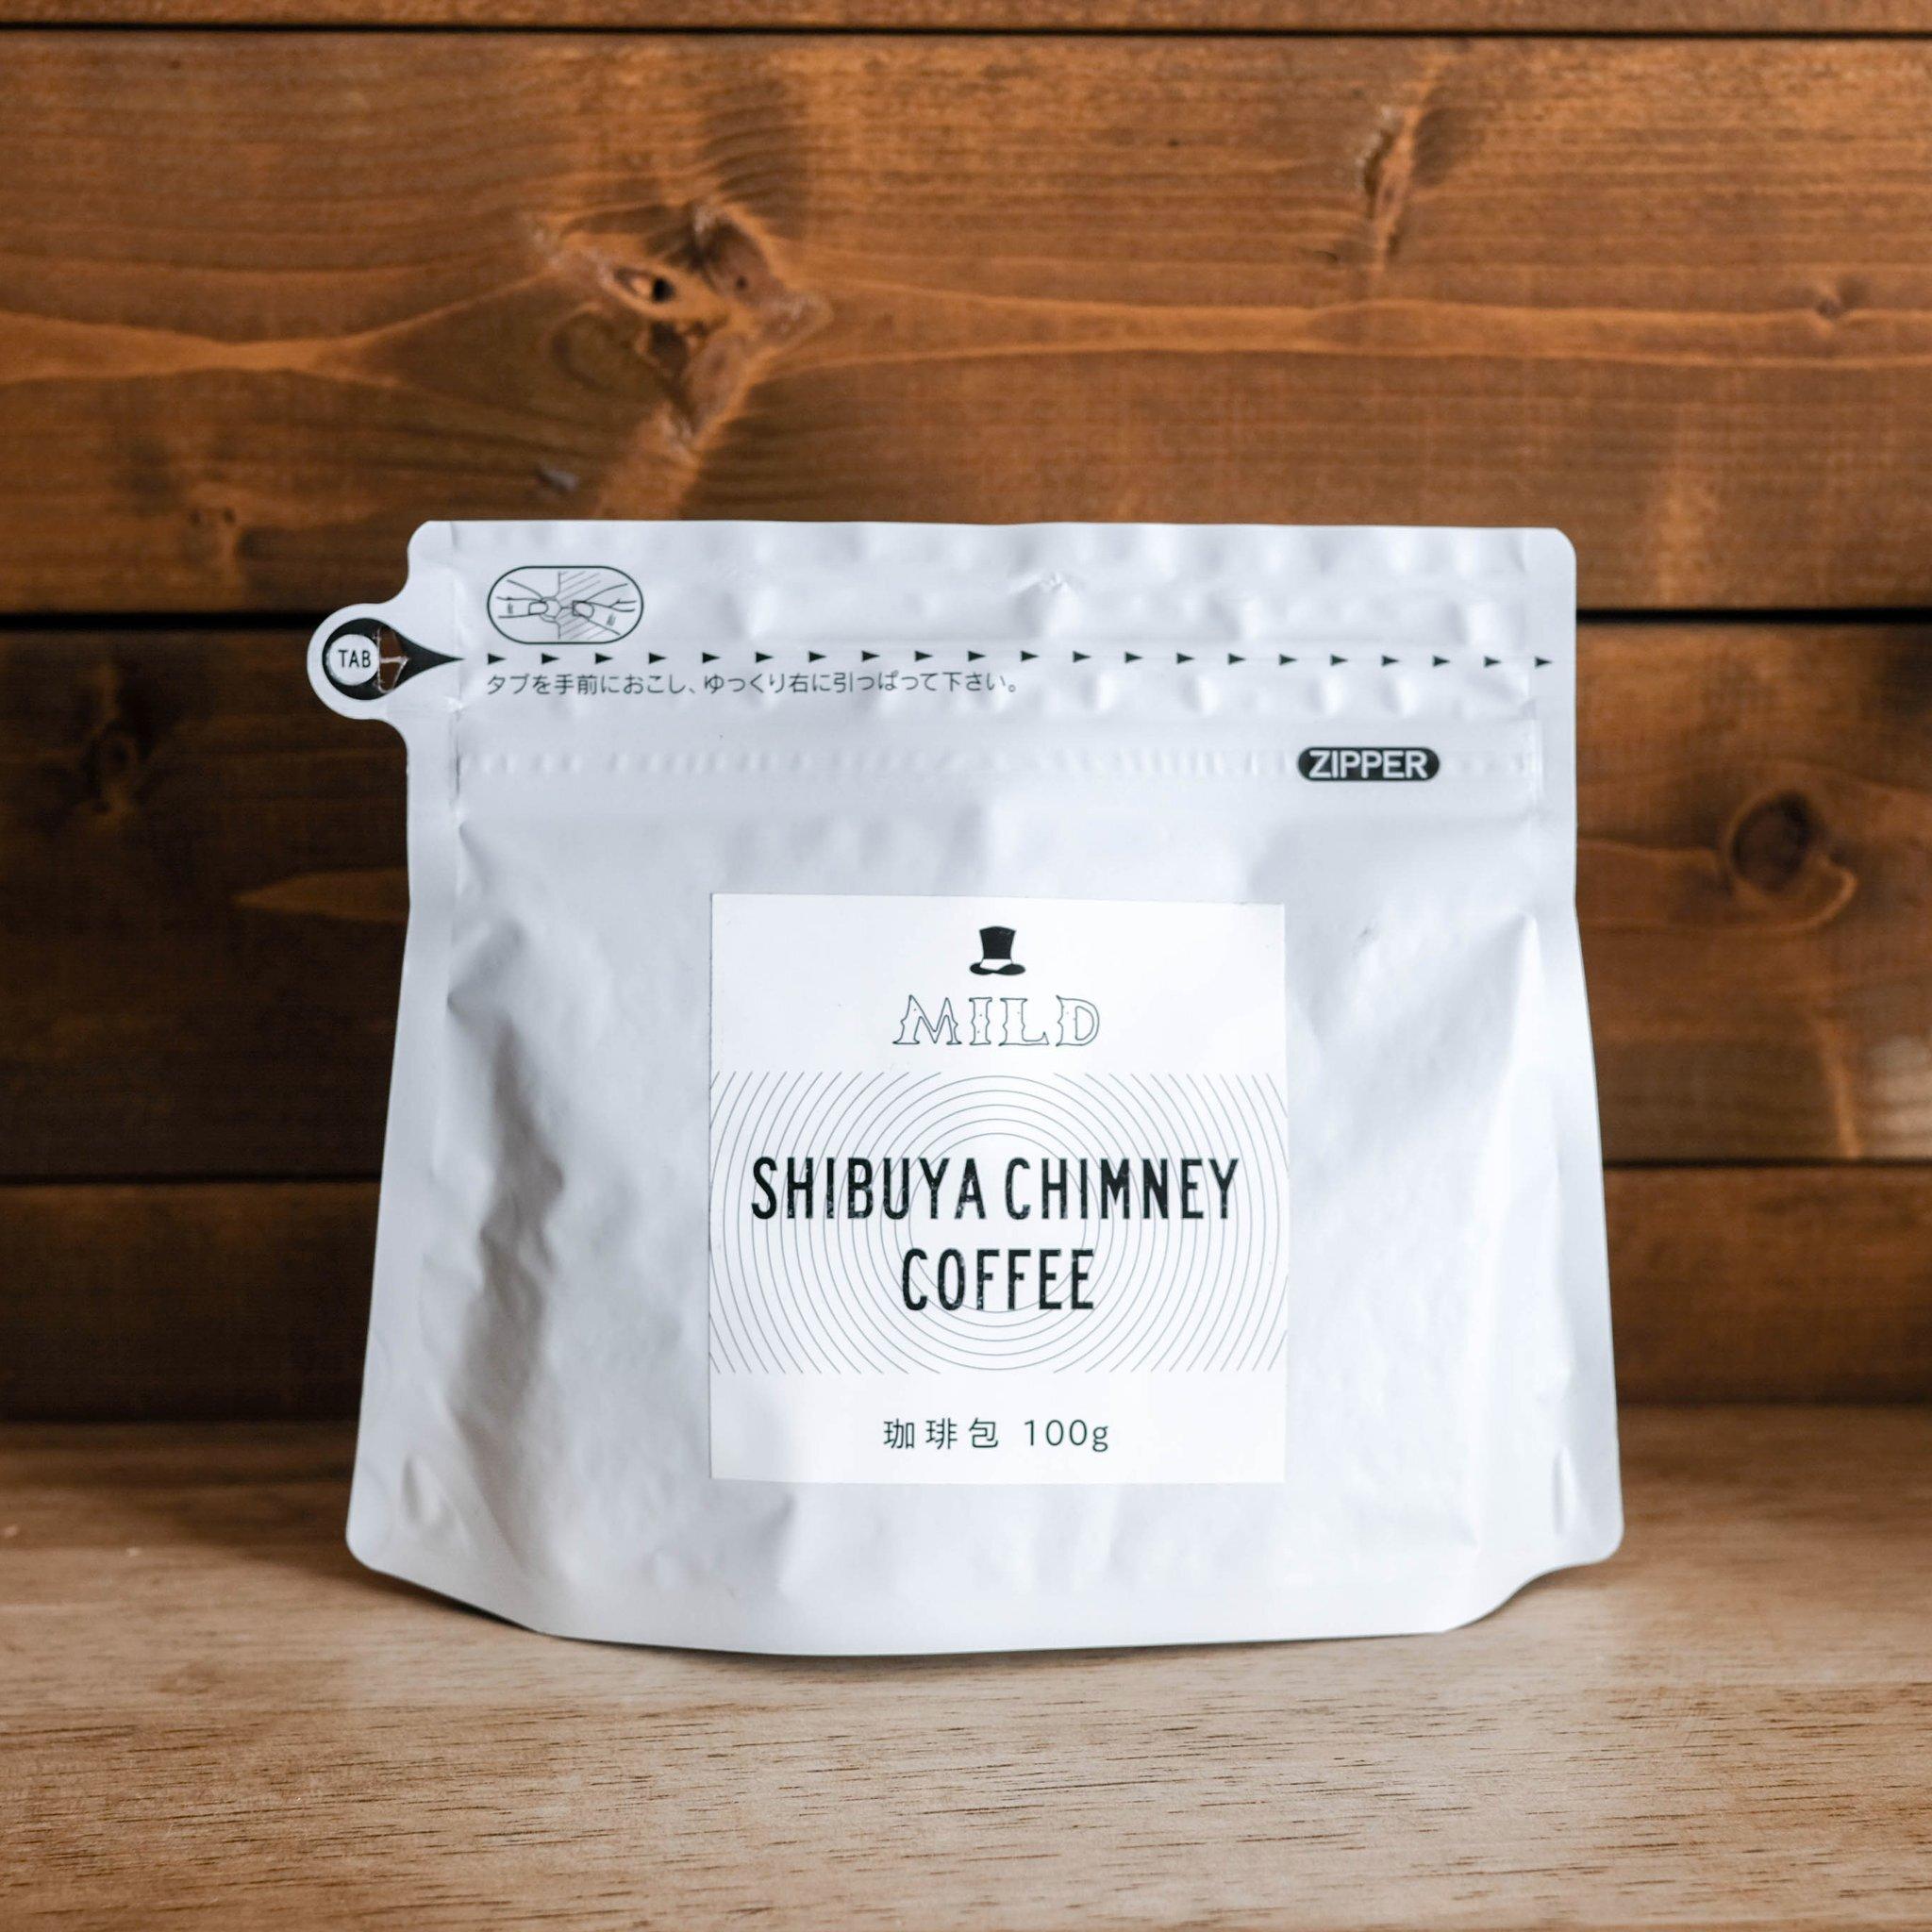 【定期便】SHIBUYA CHIMNEY COFFEE (コーヒー豆)MILD100g×2